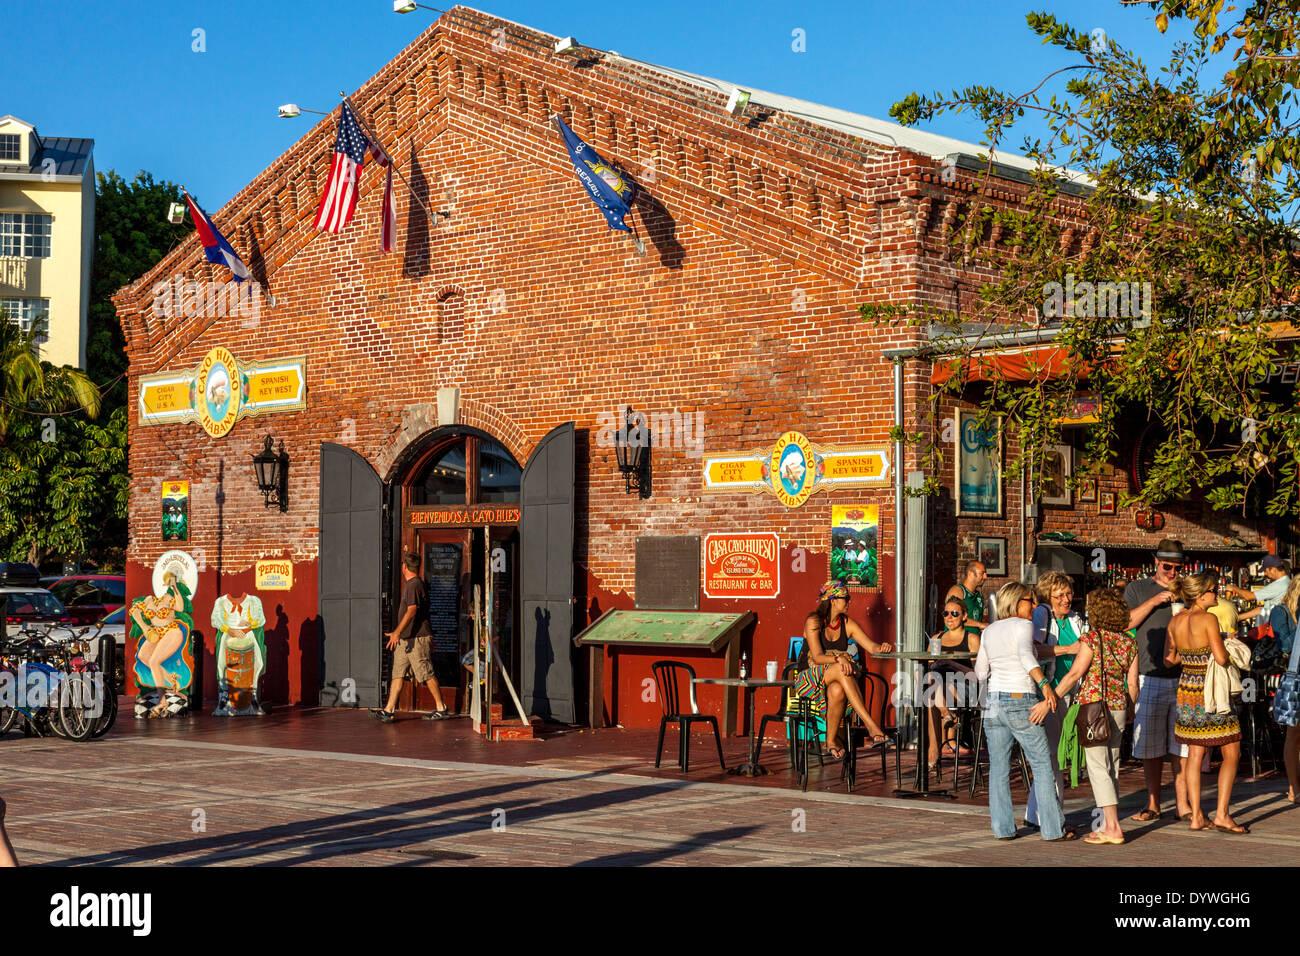 Bar/Cafe, Cayo Hueso, Key West, Florida, USA - Stock Image